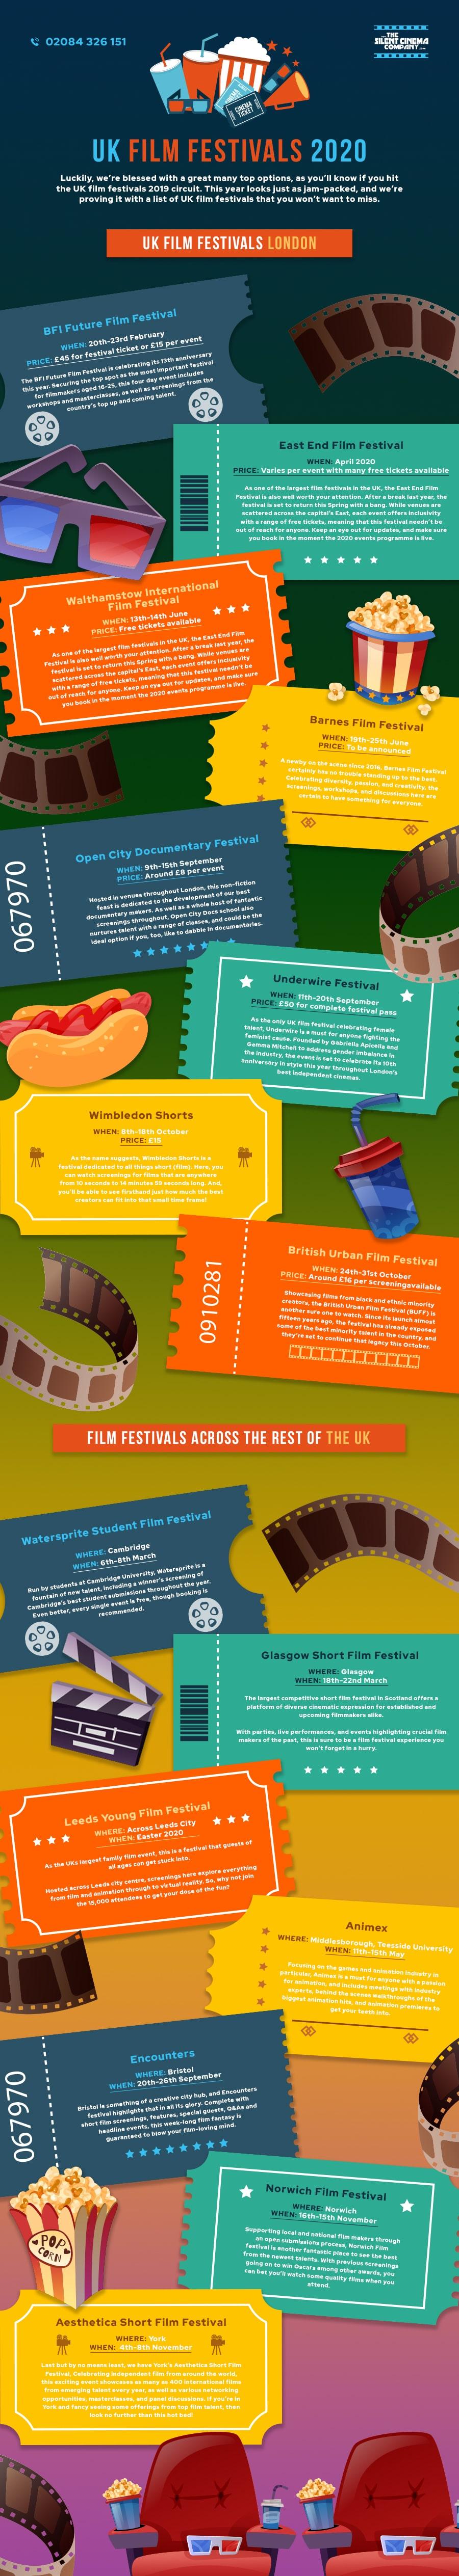 uk film festival 2020